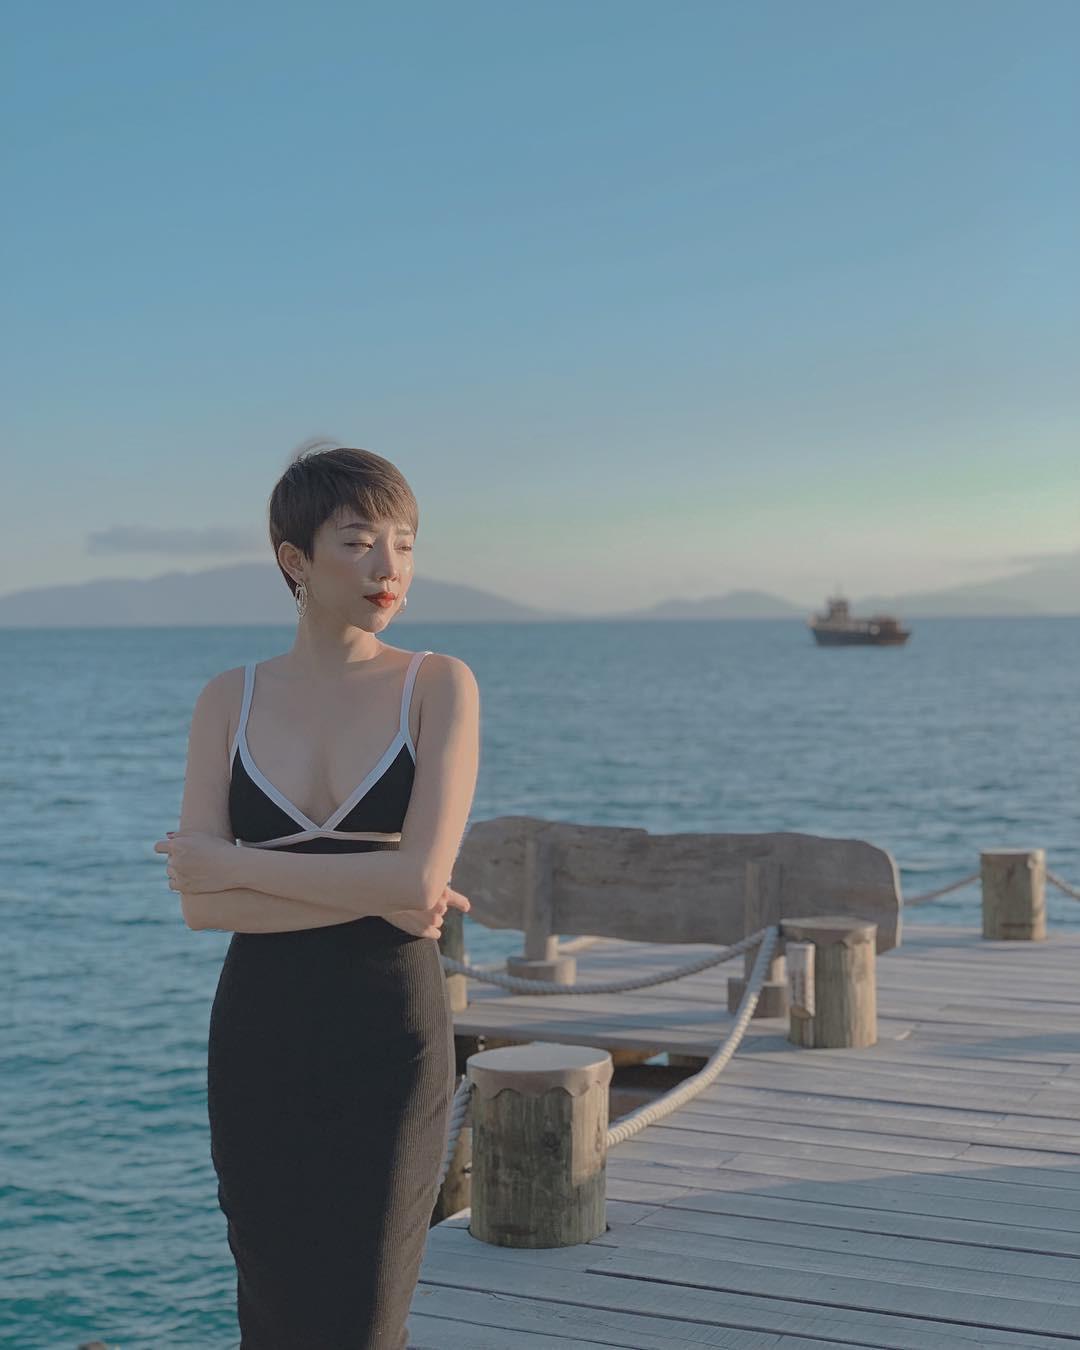 Sở hữu body đỉnh như Tóc Tiên thì ai cũng muốn đi biển 1 ngày, mặc đủ loại bikini chụp hình đăng cả tháng - Ảnh 8.